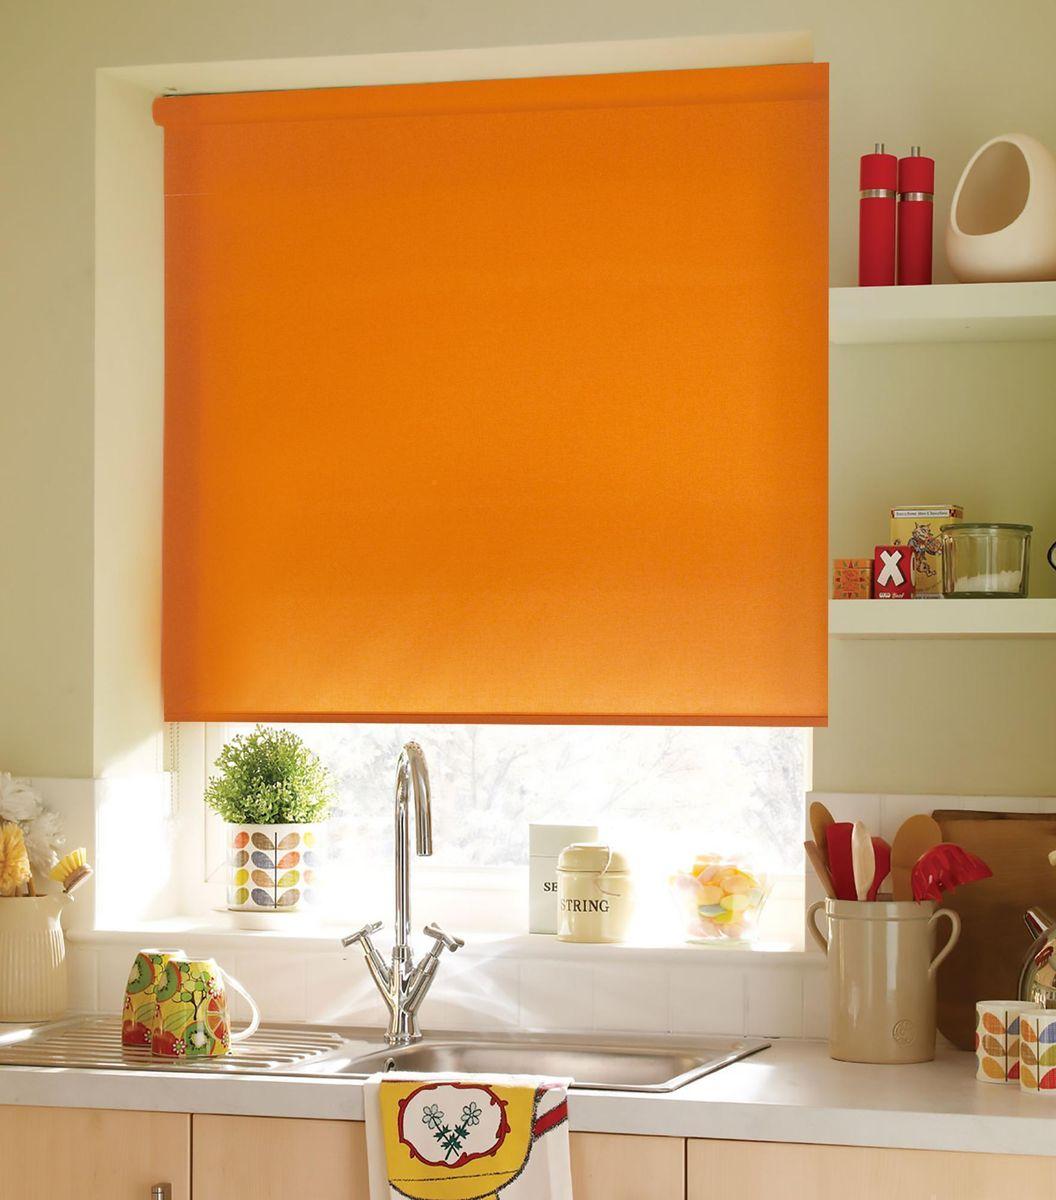 Штора рулонная Эскар, цвет: апельсиновый, ширина 172 см, высота 170 см81203172170Рулонными шторами можно оформлять окна как самостоятельно, так и использовать в комбинации с портьерами. Это поможет предотвратить выгорание дорогой ткани на солнце и соединит функционал рулонных с красотой навесных. Преимущества применения рулонных штор для пластиковых окон: - имеют прекрасный внешний вид: многообразие и фактурность материала изделия отлично смотрятся в любом интерьере; - многофункциональны: есть возможность подобрать шторы способные эффективно защитить комнату от солнца, при этом она не будет слишком темной. - Есть возможность осуществить быстрый монтаж. ВНИМАНИЕ! Размеры ширины изделия указаны по ширине ткани! Во время эксплуатации не рекомендуется полностью разматывать рулон, чтобы не оторвать ткань от намоточного вала. В случае загрязнения поверхности ткани, чистку шторы проводят одним из способов, в зависимости от типа загрязнения: легкое поверхностное загрязнение можно удалить при помощи канцелярского ластика; чистка от пыли производится сухим методом при...